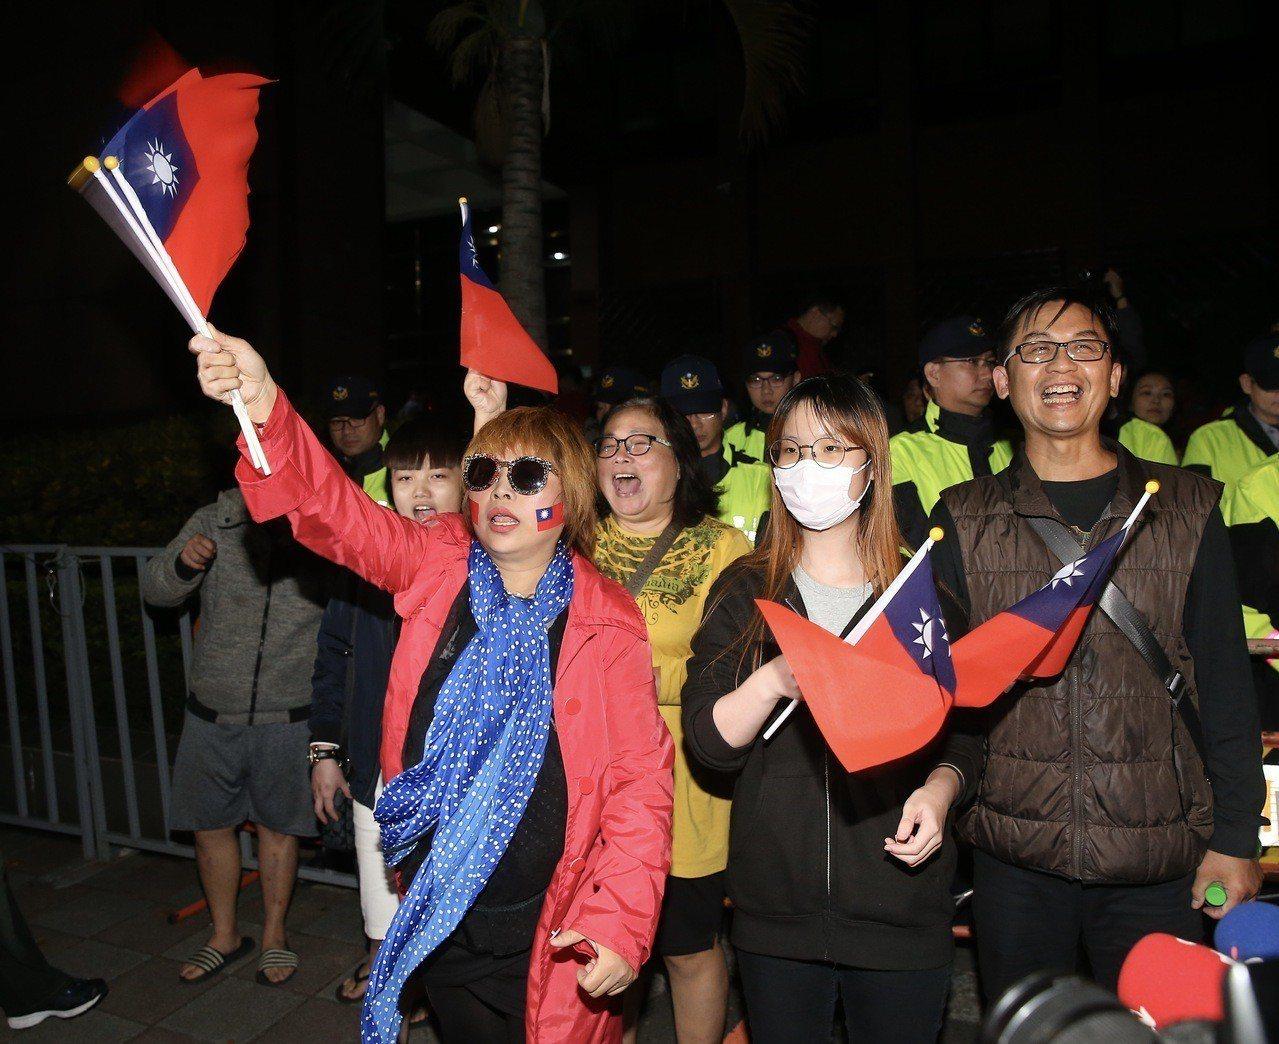 國民黨台北市長候選人丁守中凌晨到台北地方法院提出選舉無效之訴,支持者在法院外聲援...